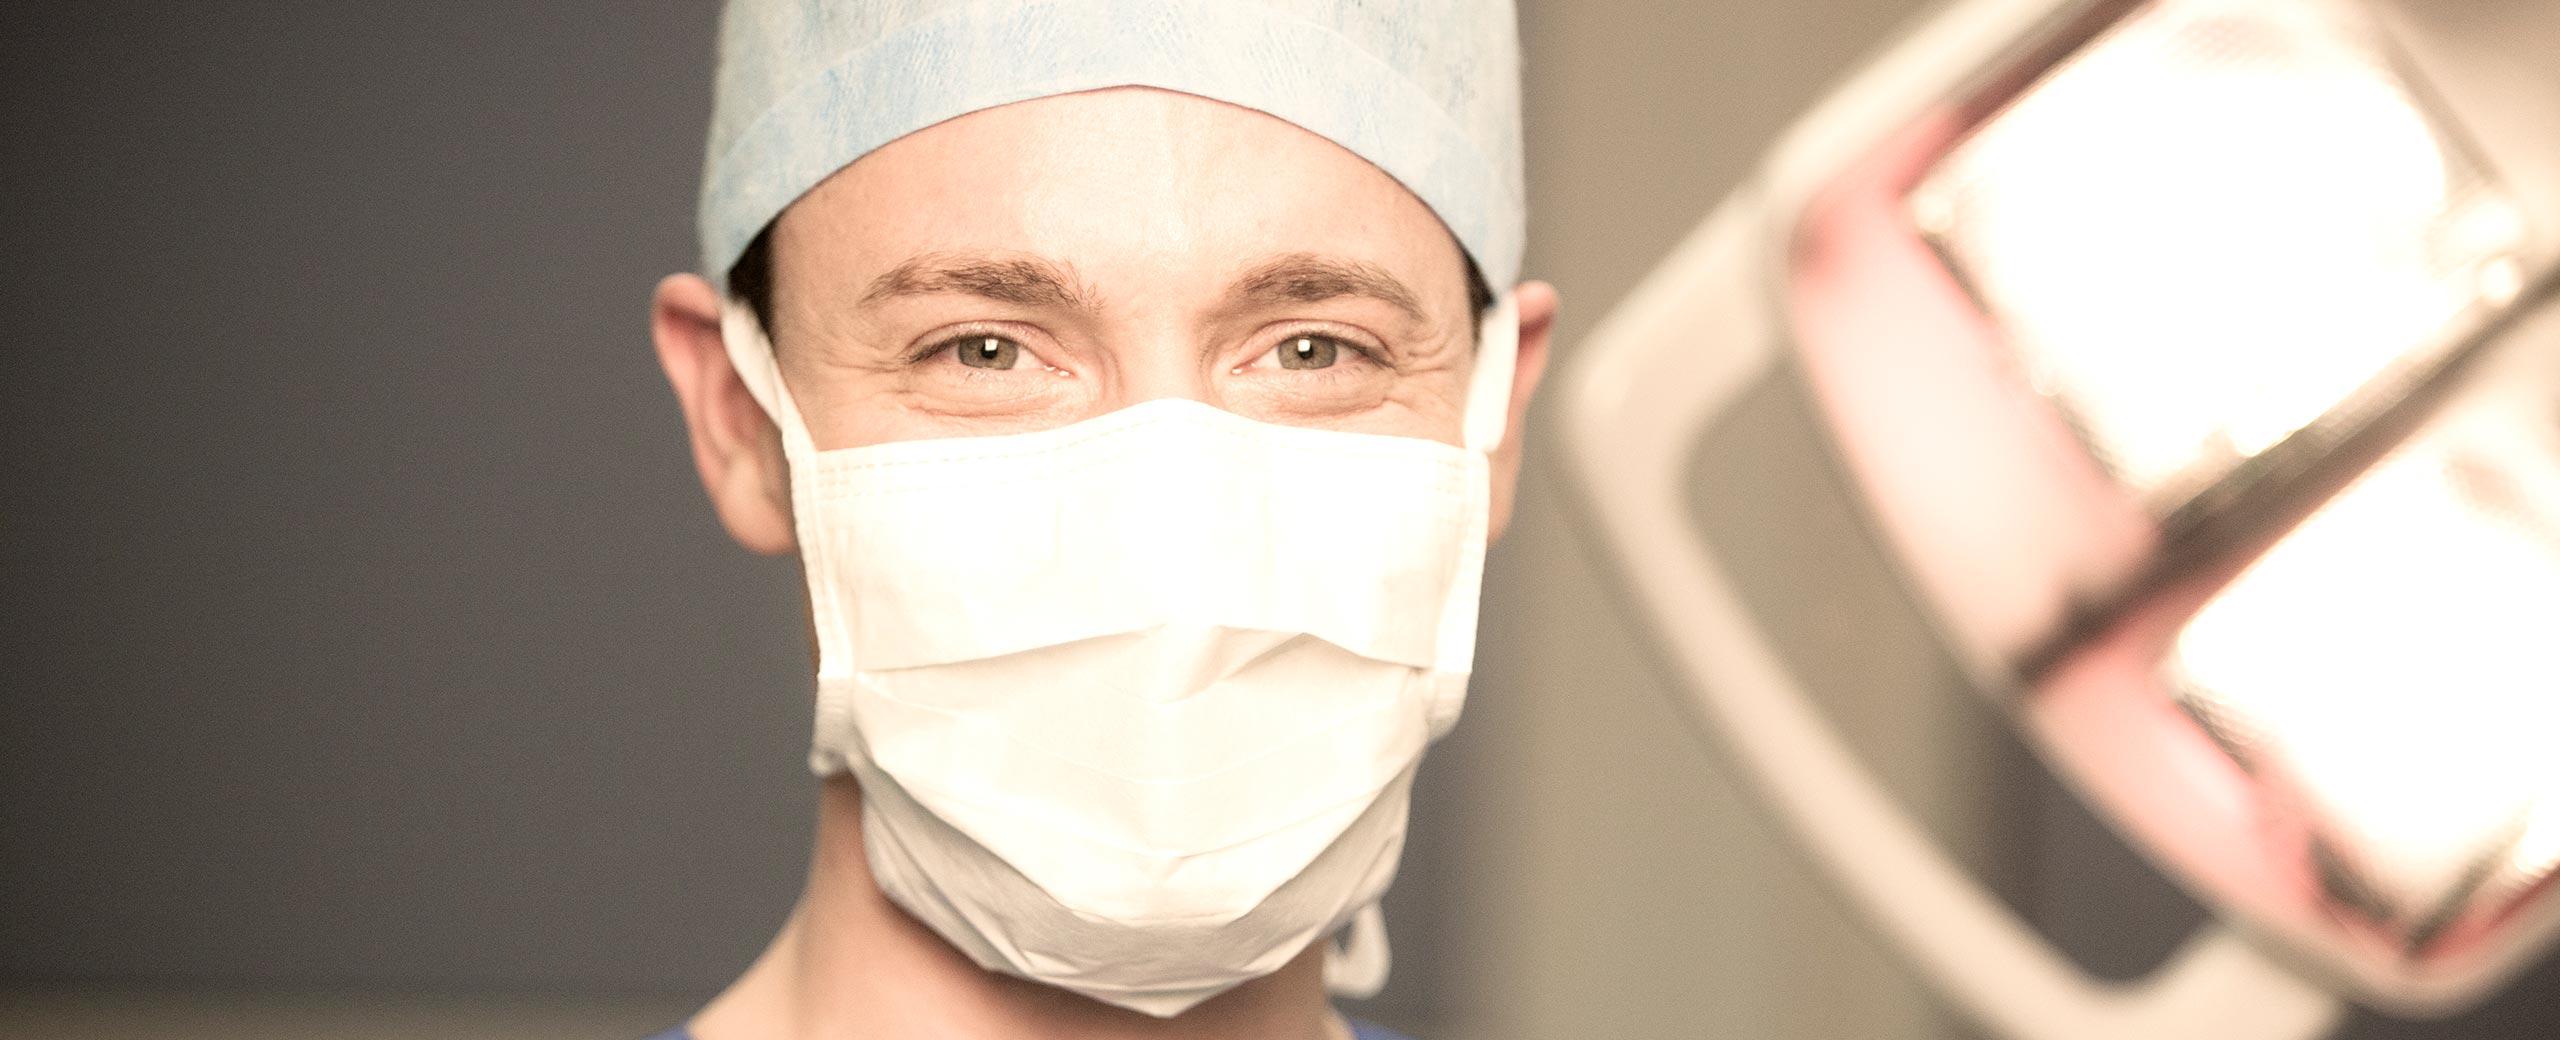 Arzt mit Maske Headerbild